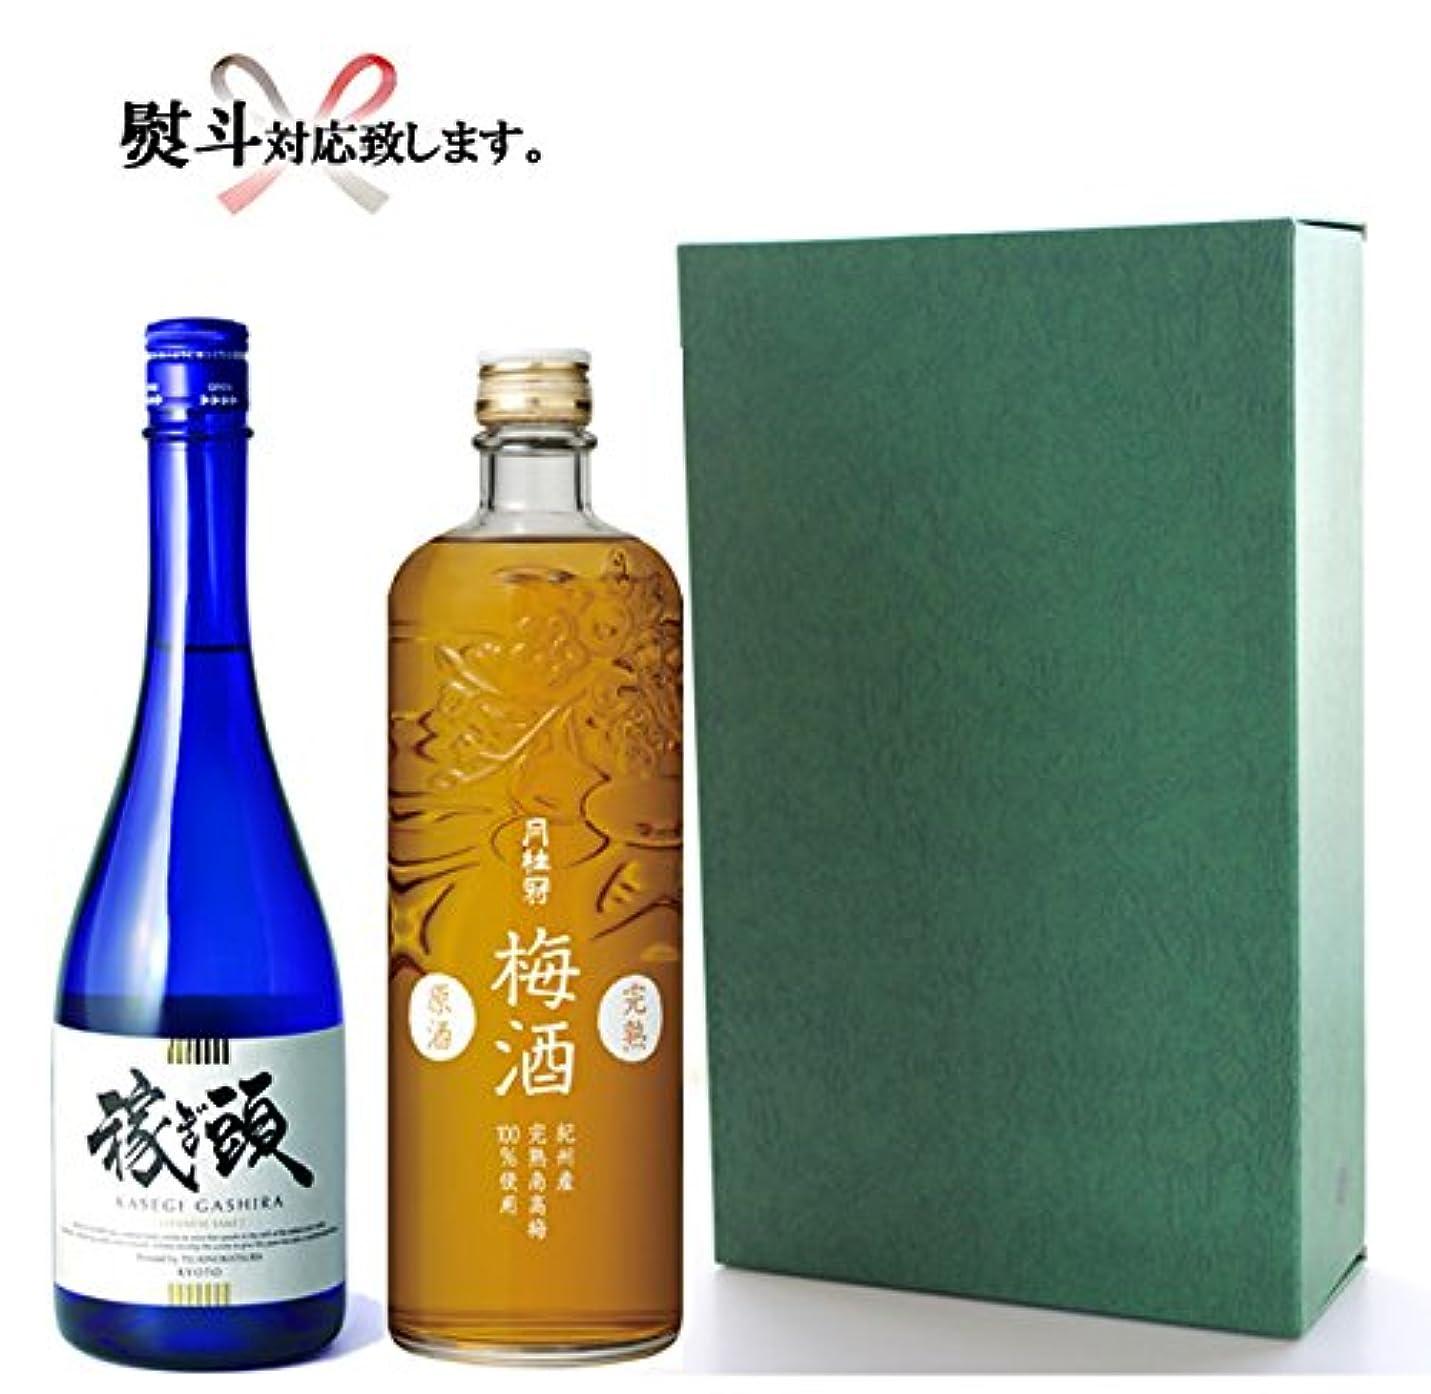 気付く者悲観的【ギフト】稼ぎ頭 純米酒 月桂冠 完熟梅酒原酒 720ml×2本